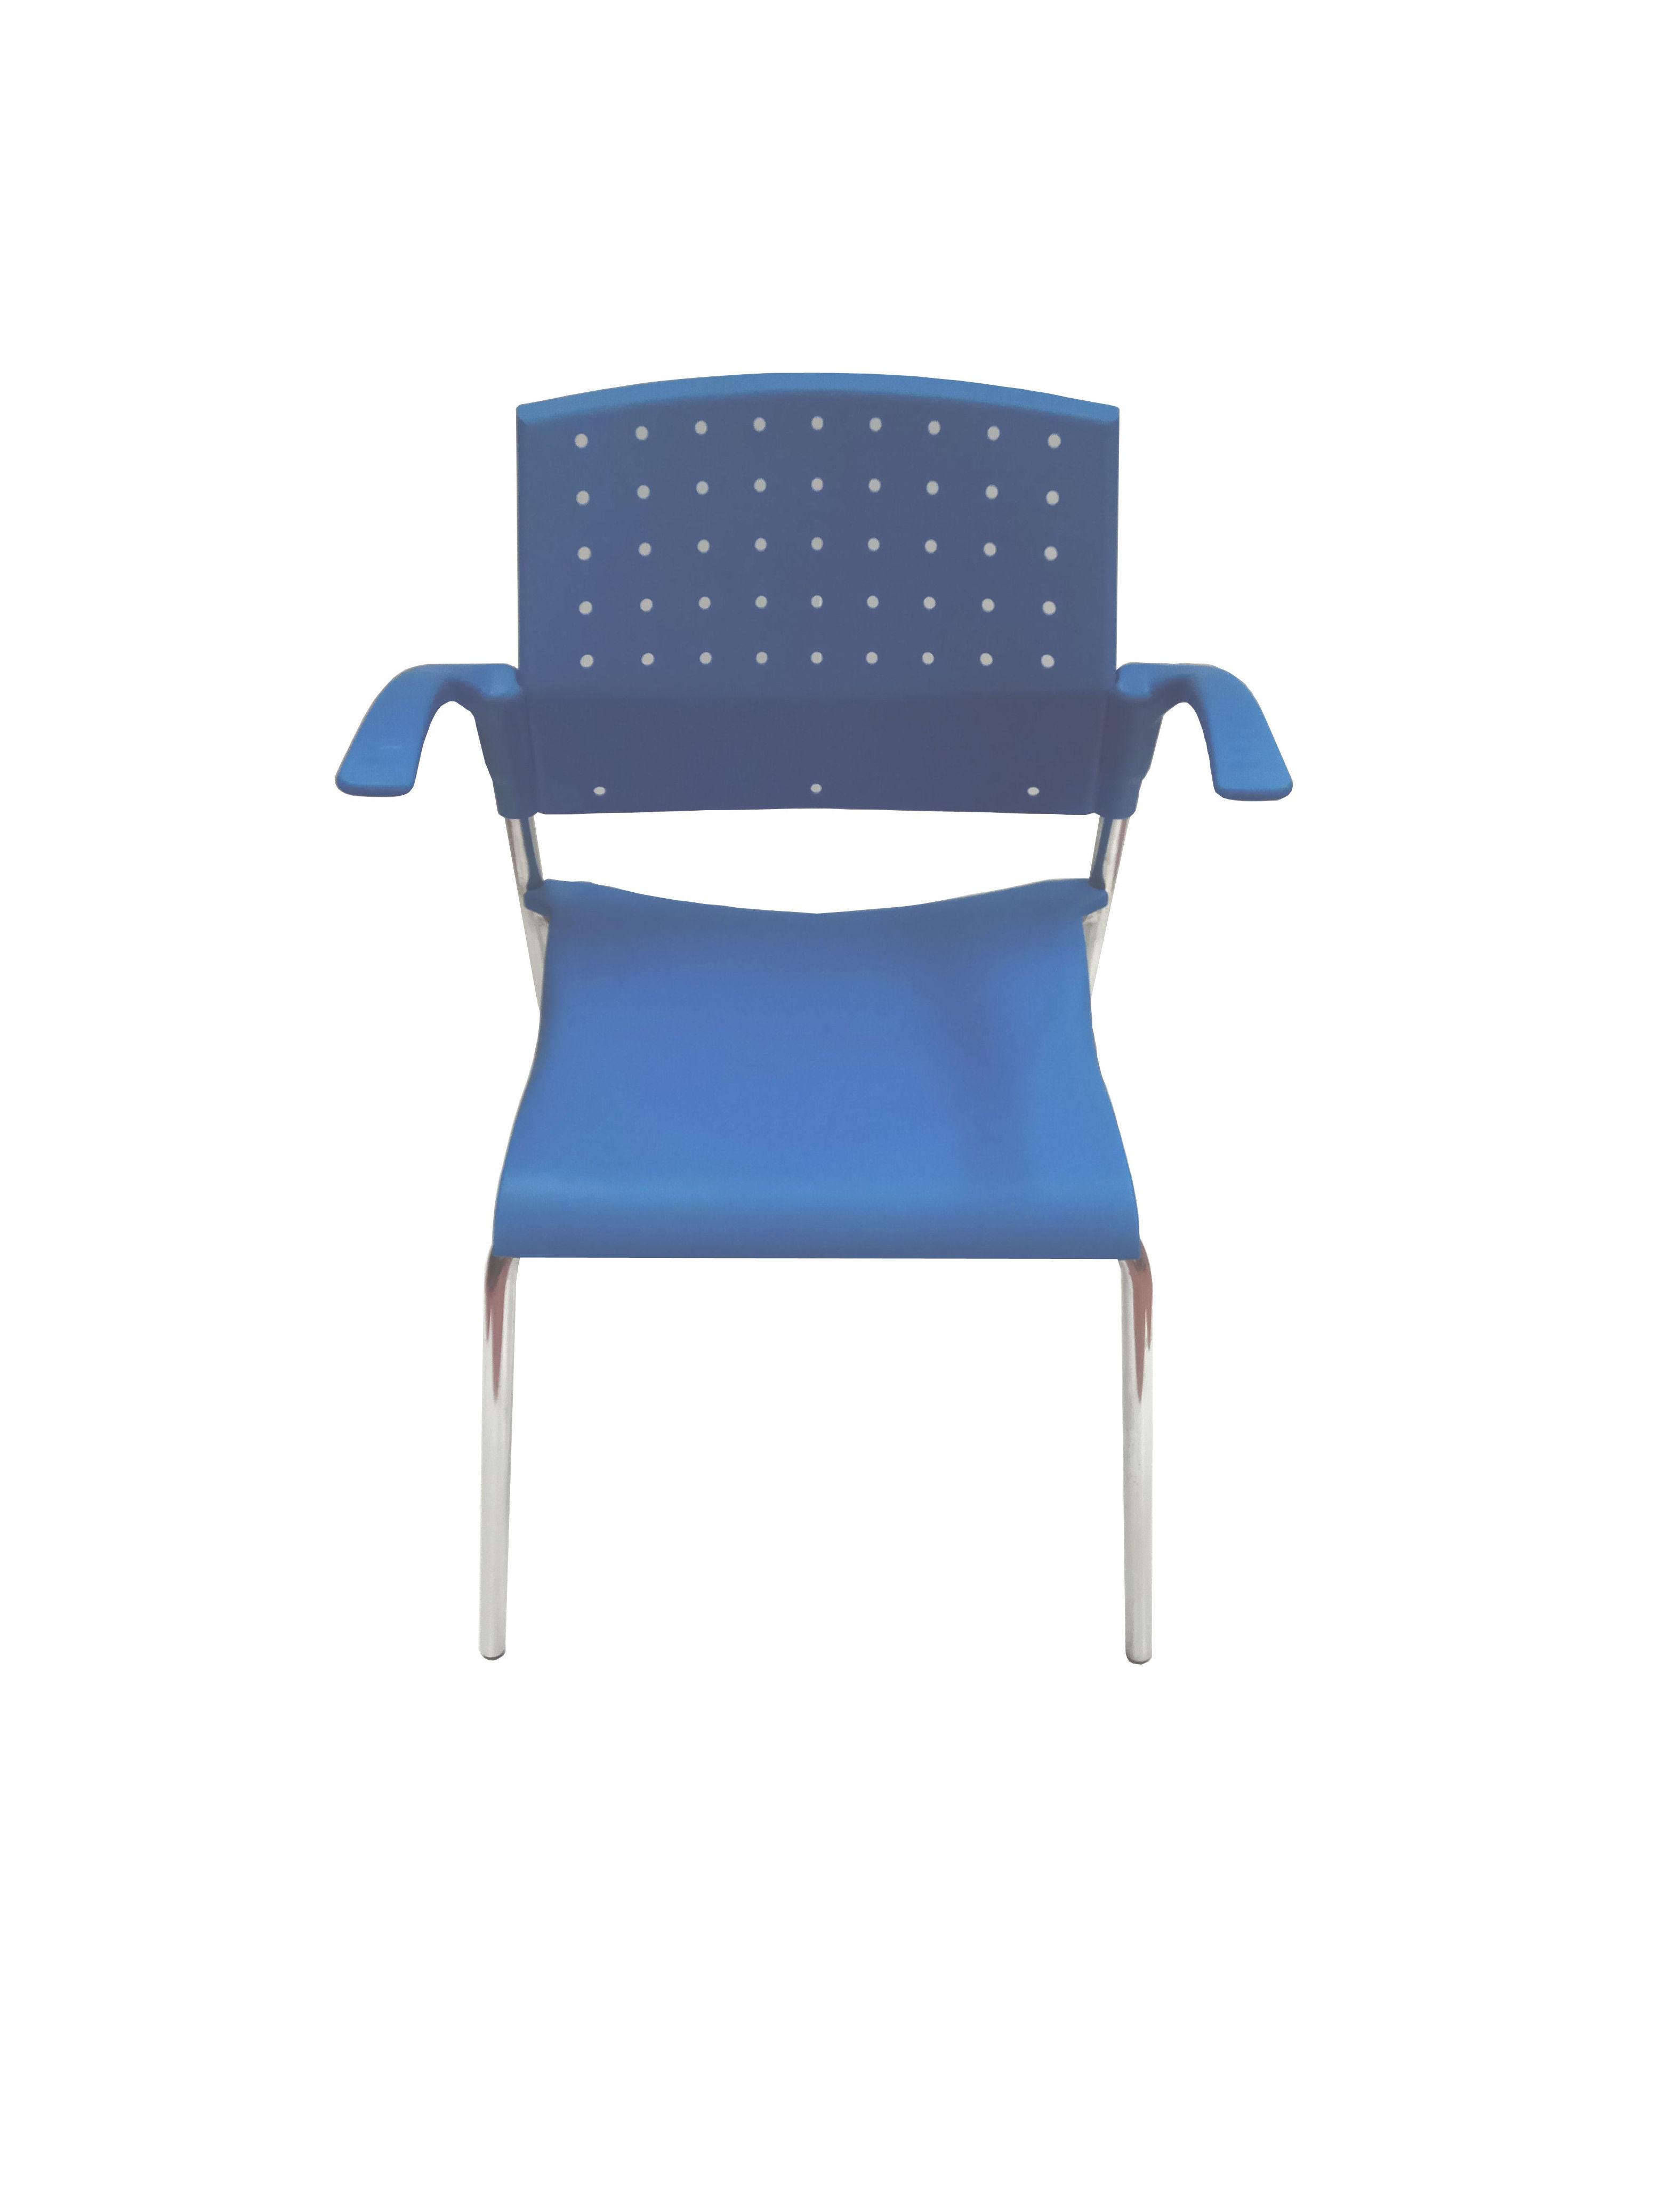 Plastic alquiler de mobiliario de stuhl ib rica alquiler for Alquiler de mobiliario de oficina